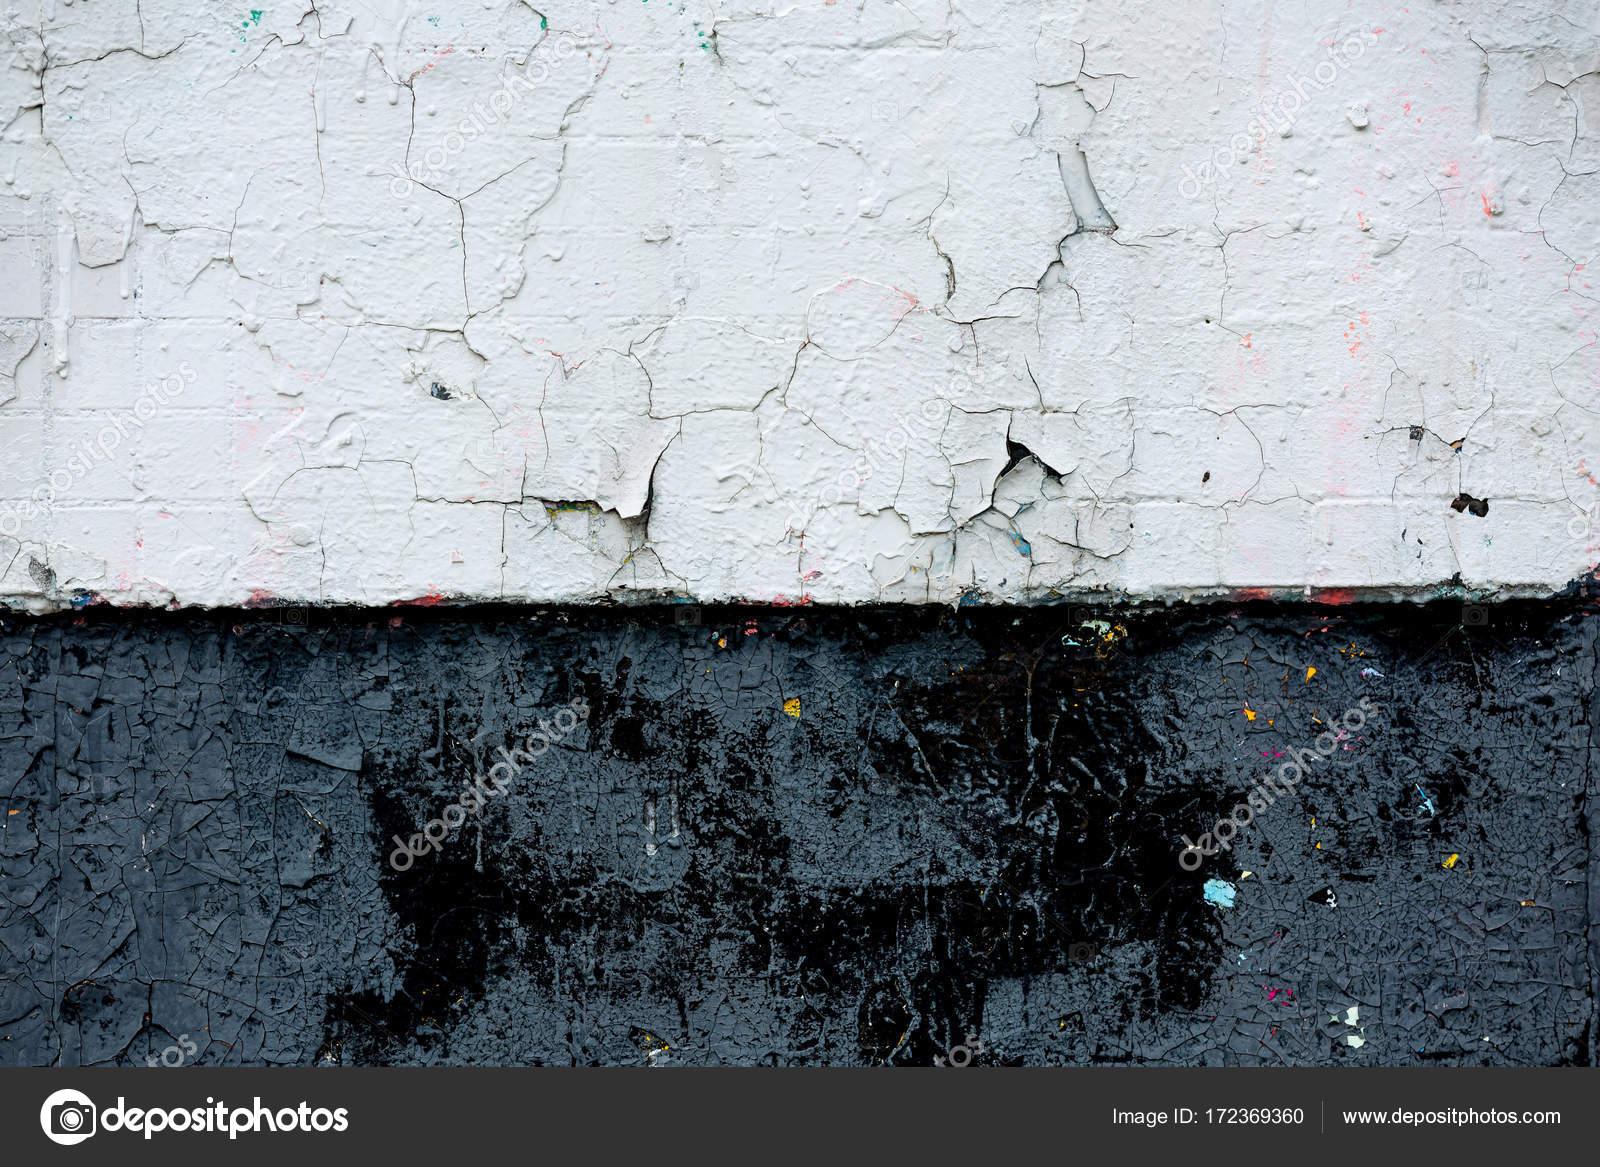 Parete nera e whitw di piccole piastrelle in vernice con le crepe